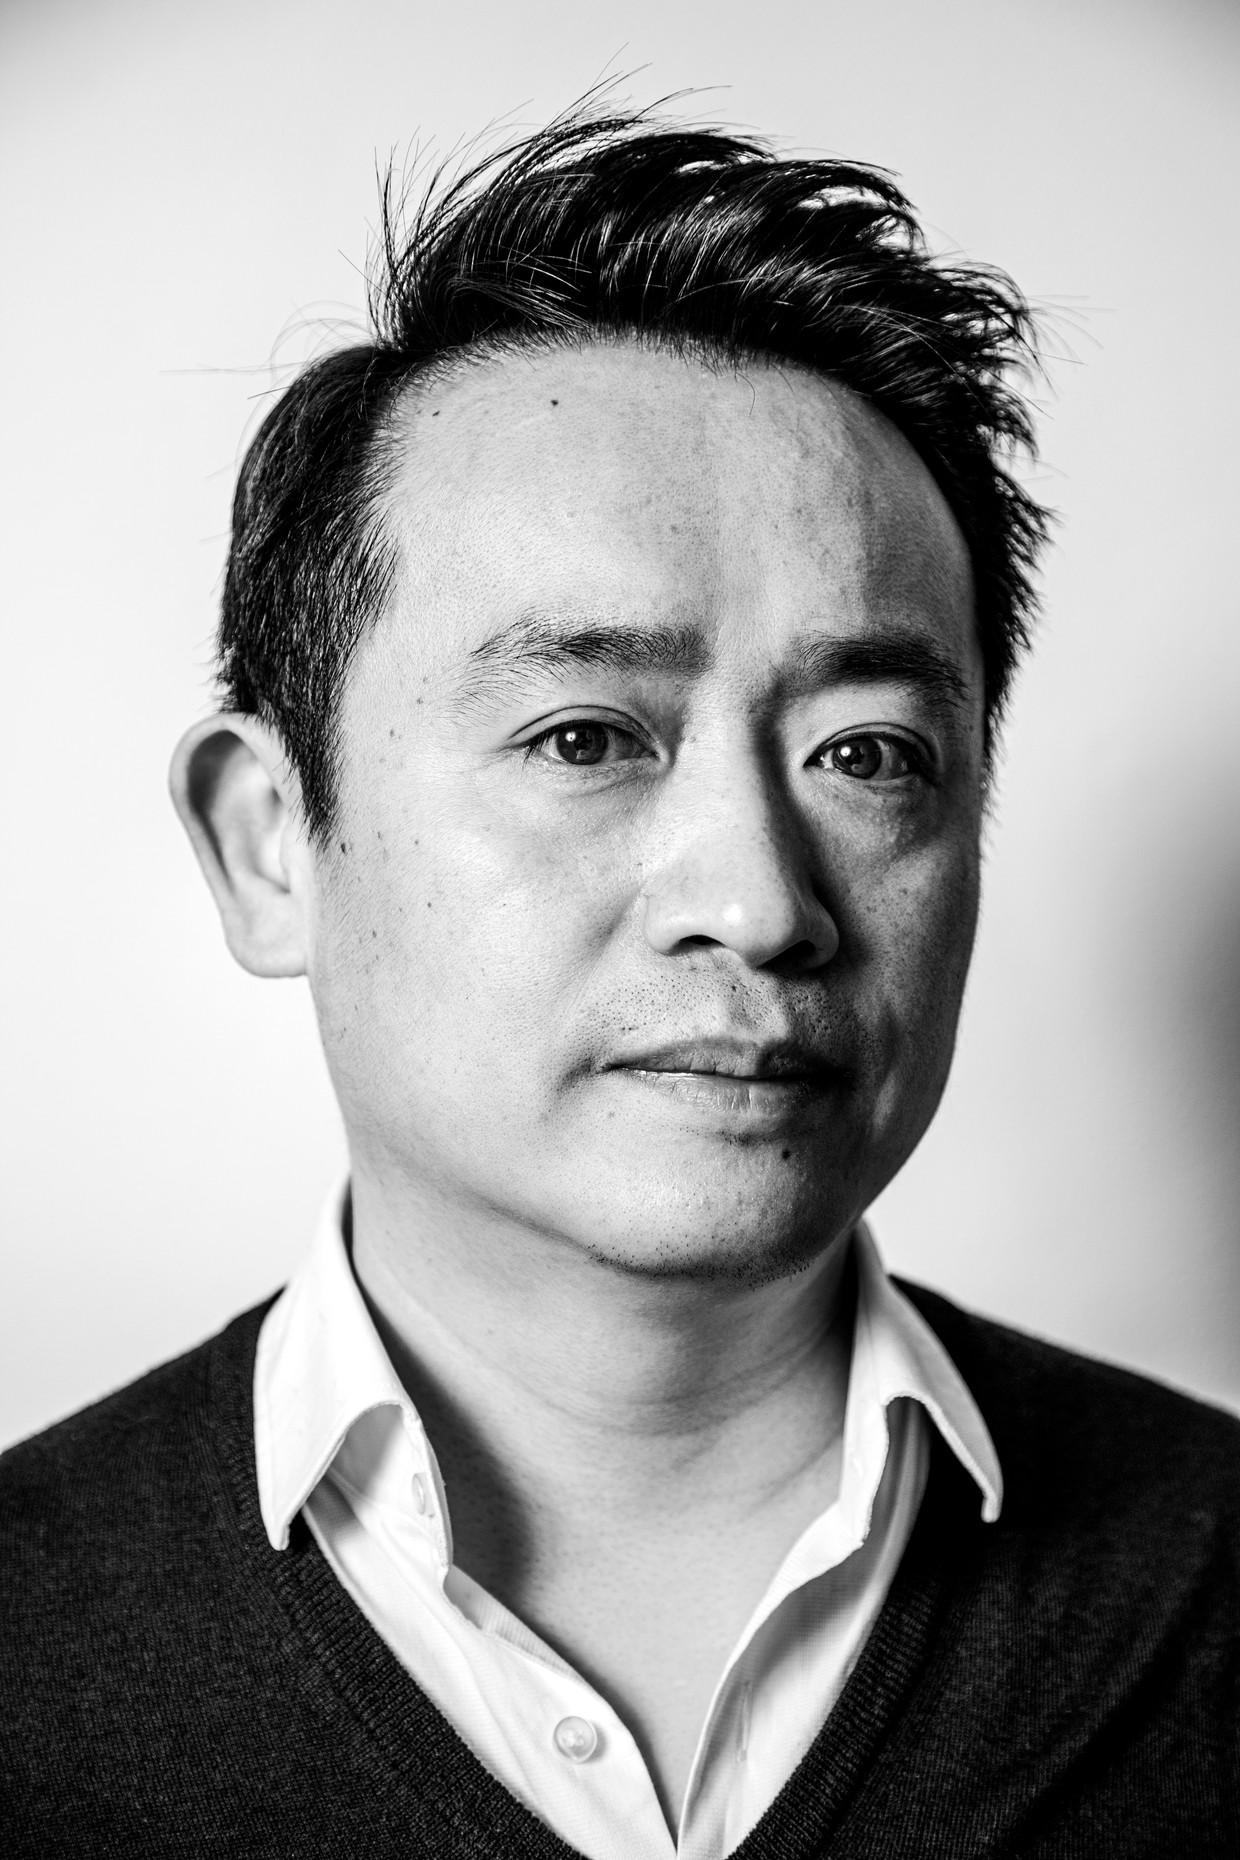 Han Ji: 'Ik wist: in een restaurant gaat het nu om de service, de muziek, de sfeer. Het concept. Ik moest focussen op het totale beeld.' Beeld Ernst Coppejans